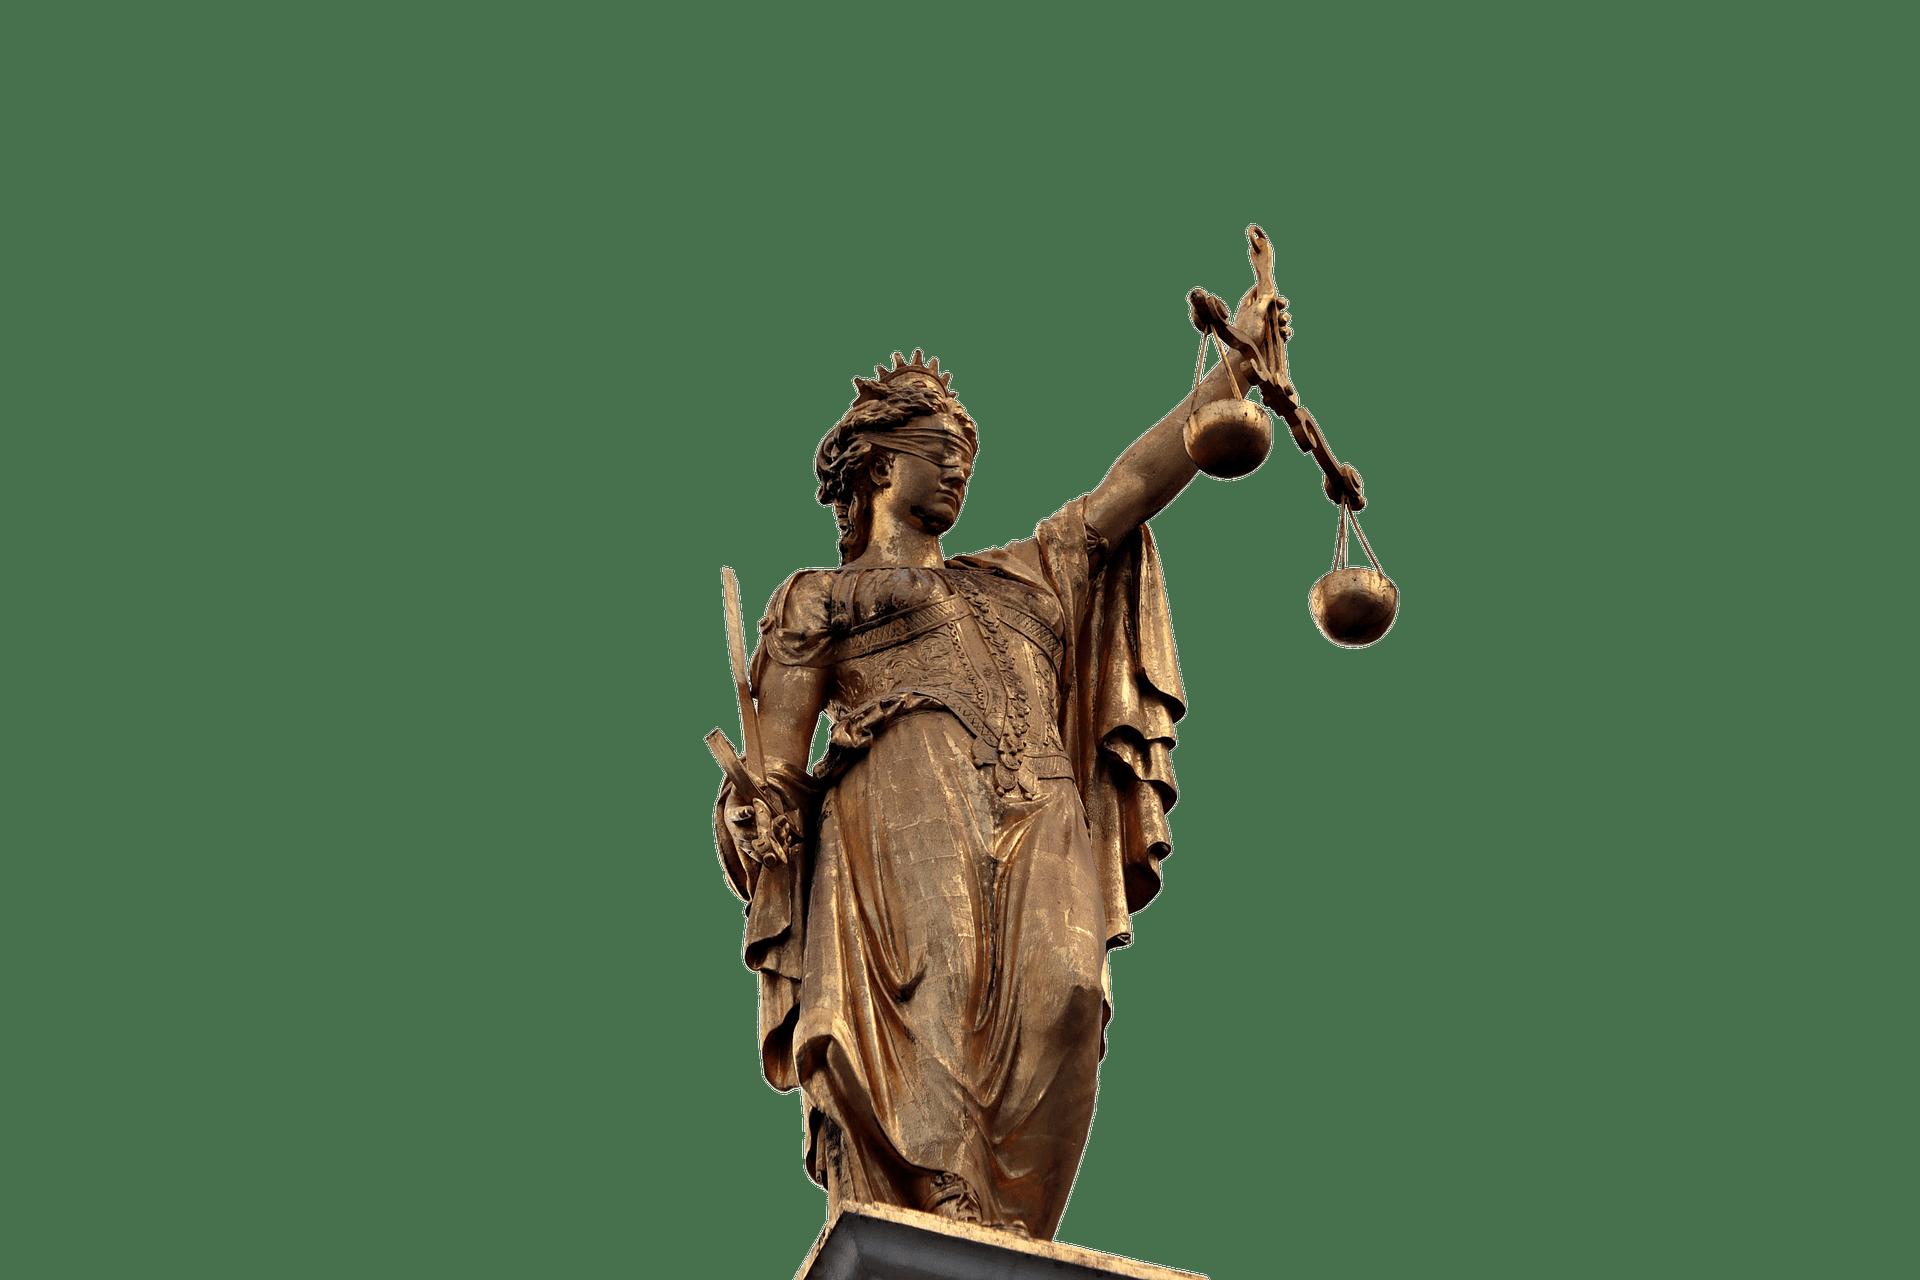 RODO, AURACO, ochrona danych osobowych, stanowisko, Belgia